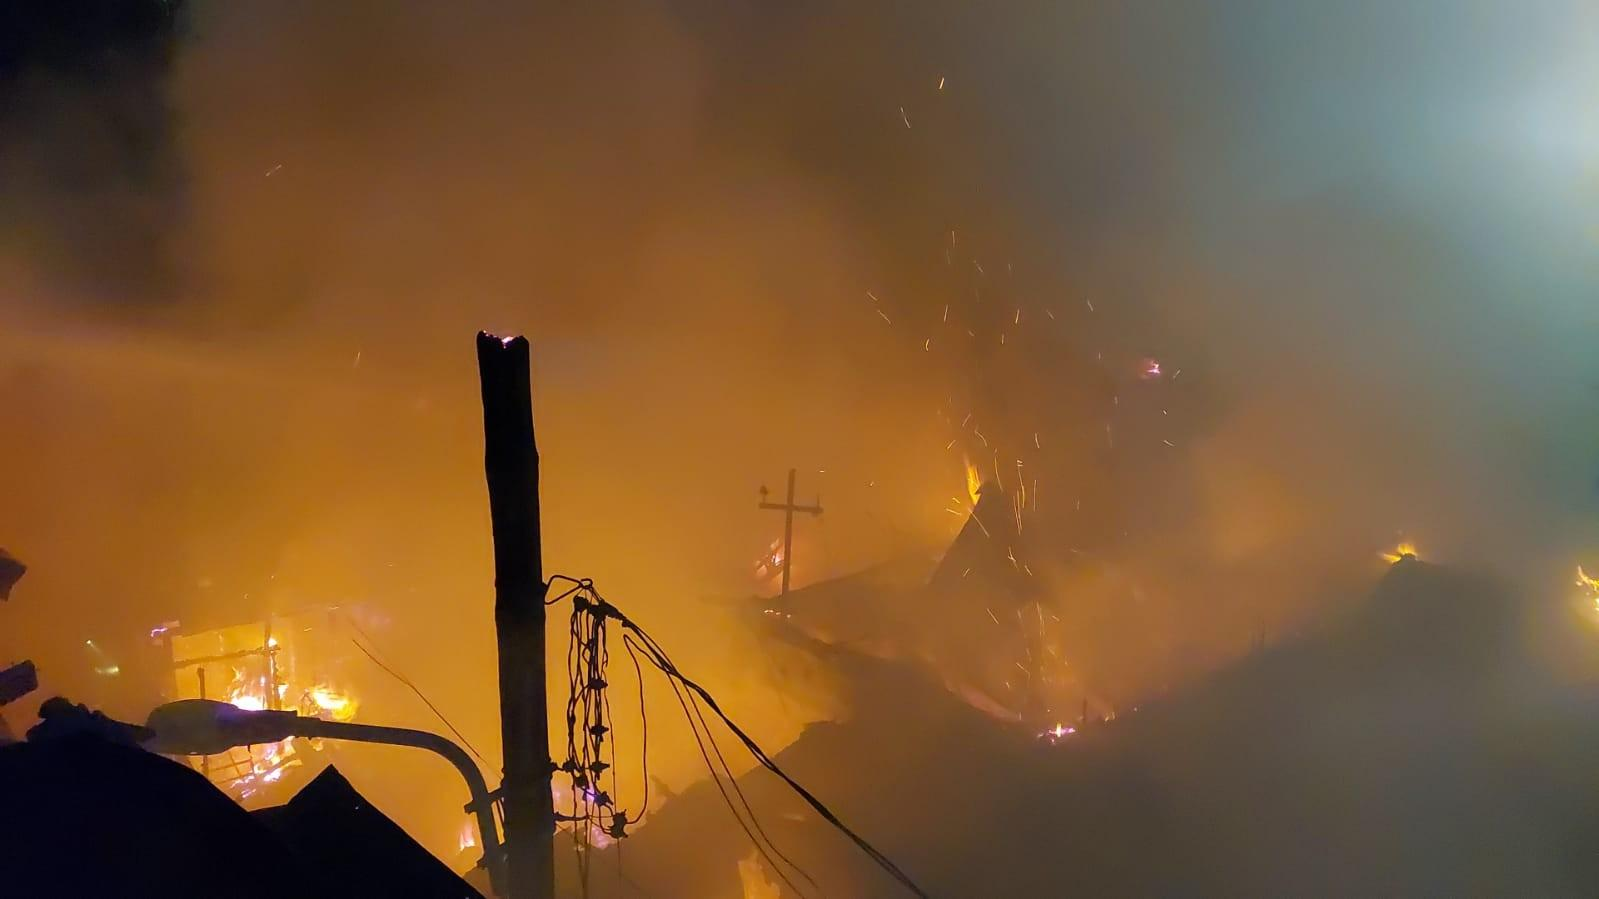 Incendiu puternic în București, în zona Vitan. O casă a luat foc și a ars ca o torță, flăcările s-au extins la o altă locuință